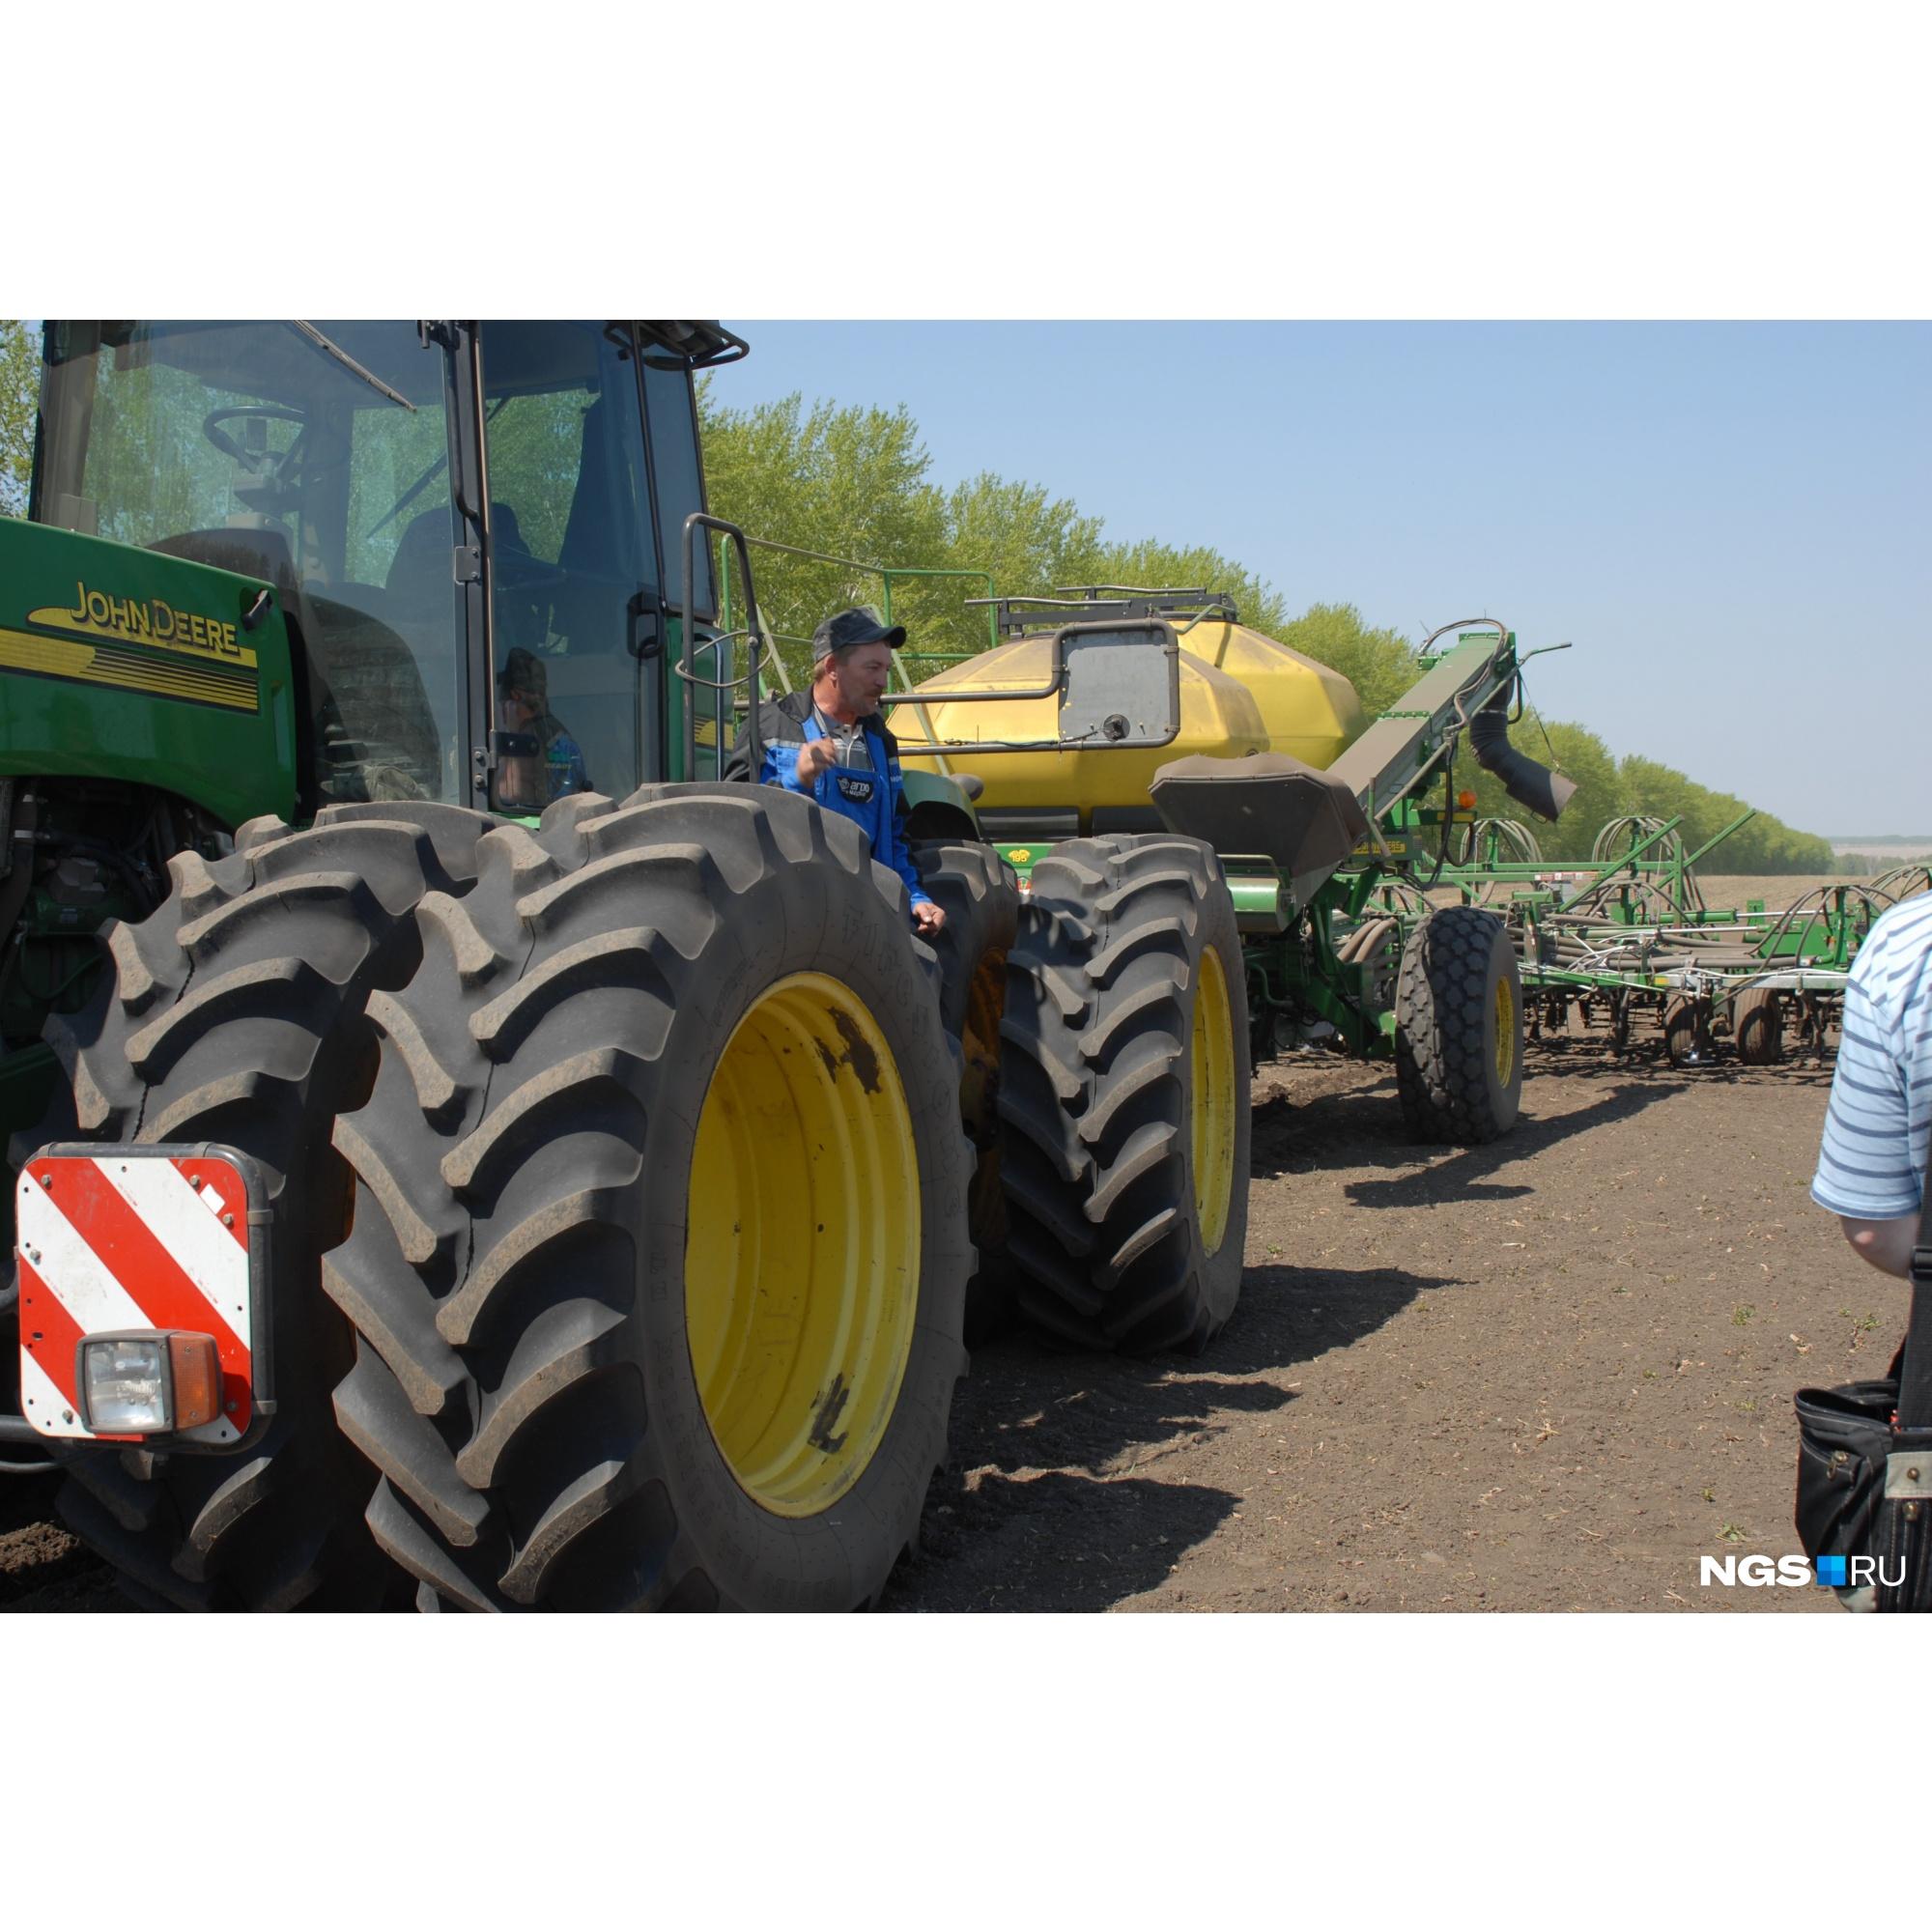 В хозяйстве не жалеют денег на хорошую технику (на фото — трактор американской компании John Deere)